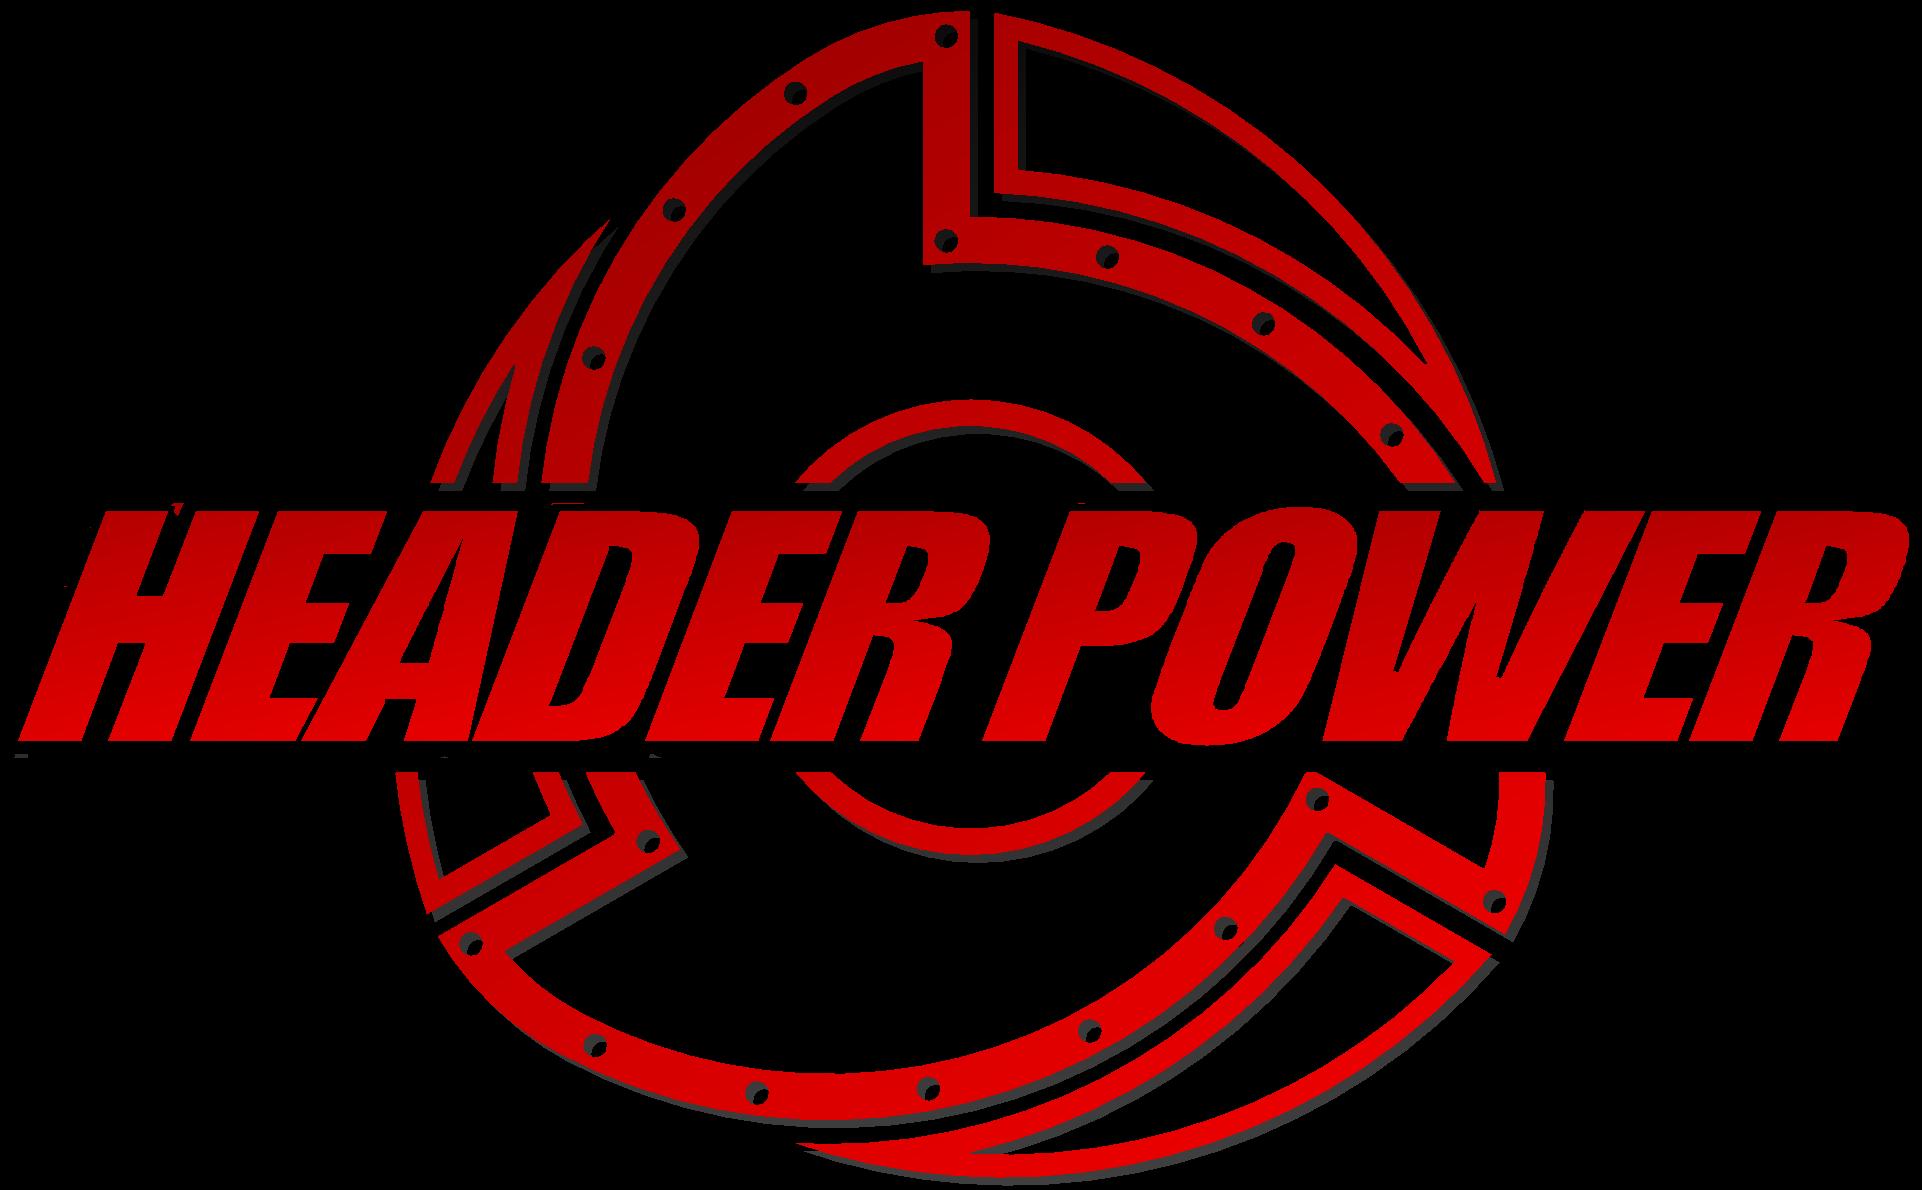 Header Power Logo